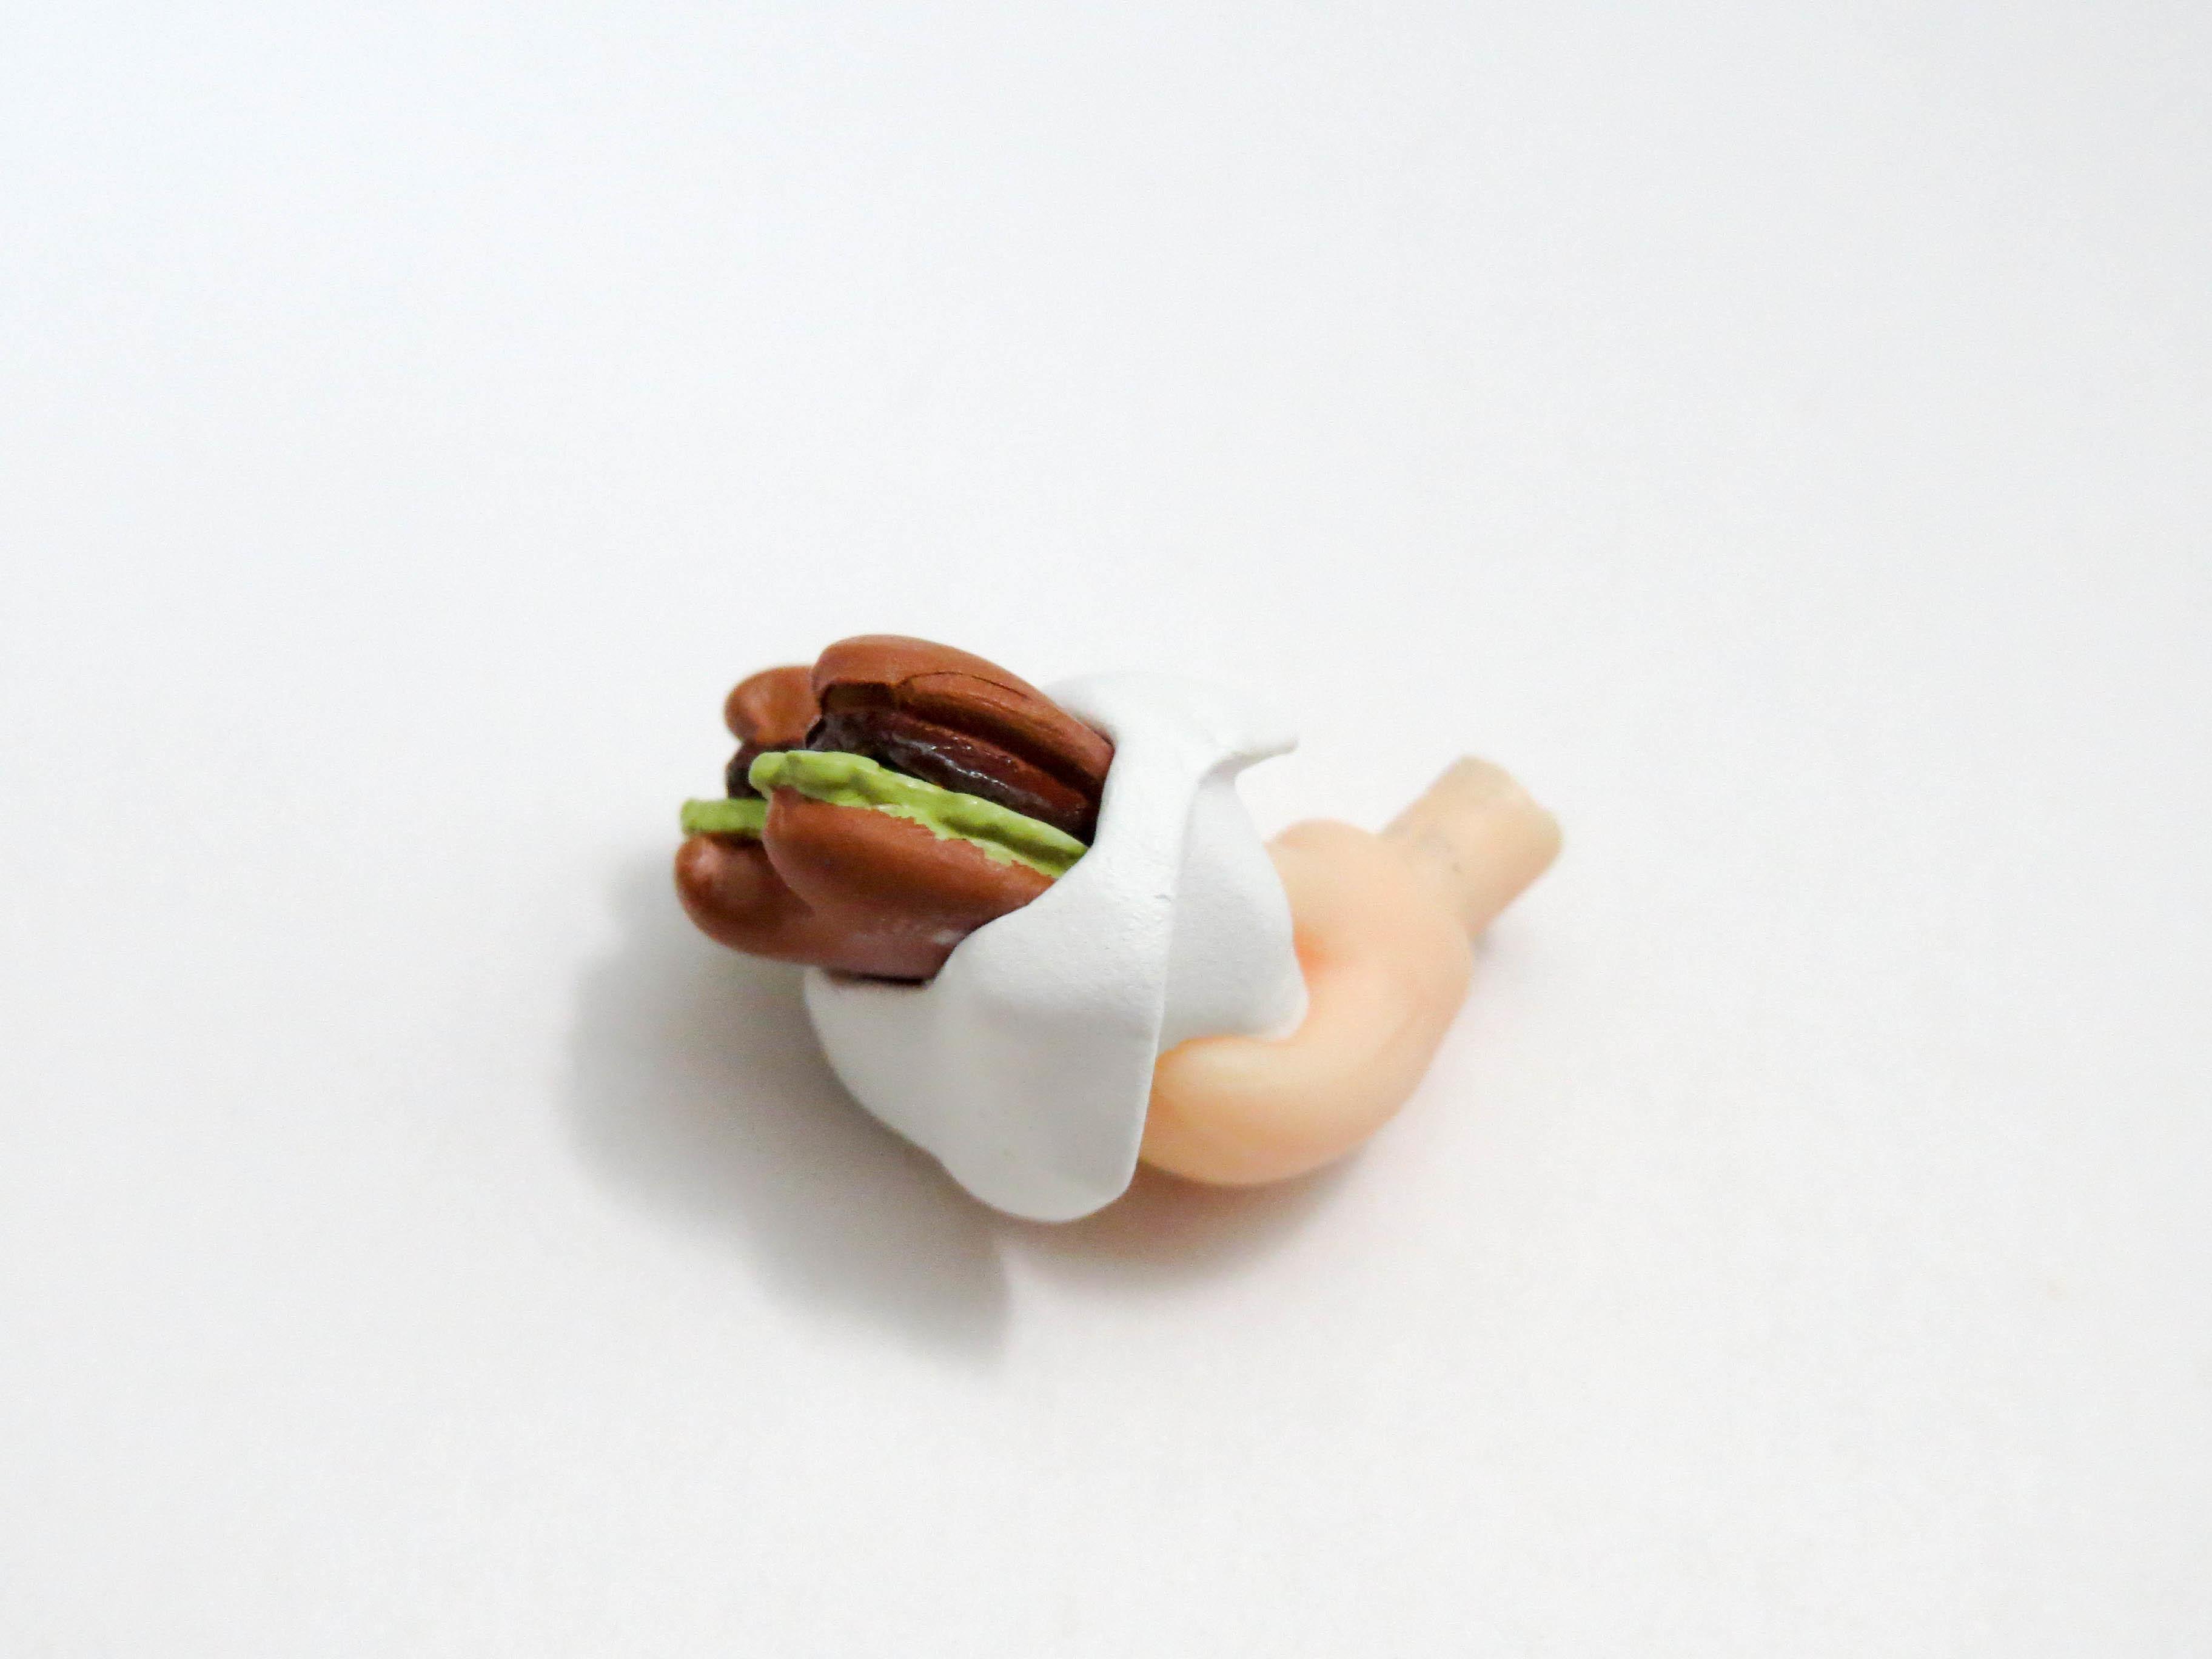 再入荷【742】 レオナルド・ウォッチ 小物パーツ ハンバーガー ねんどろいど